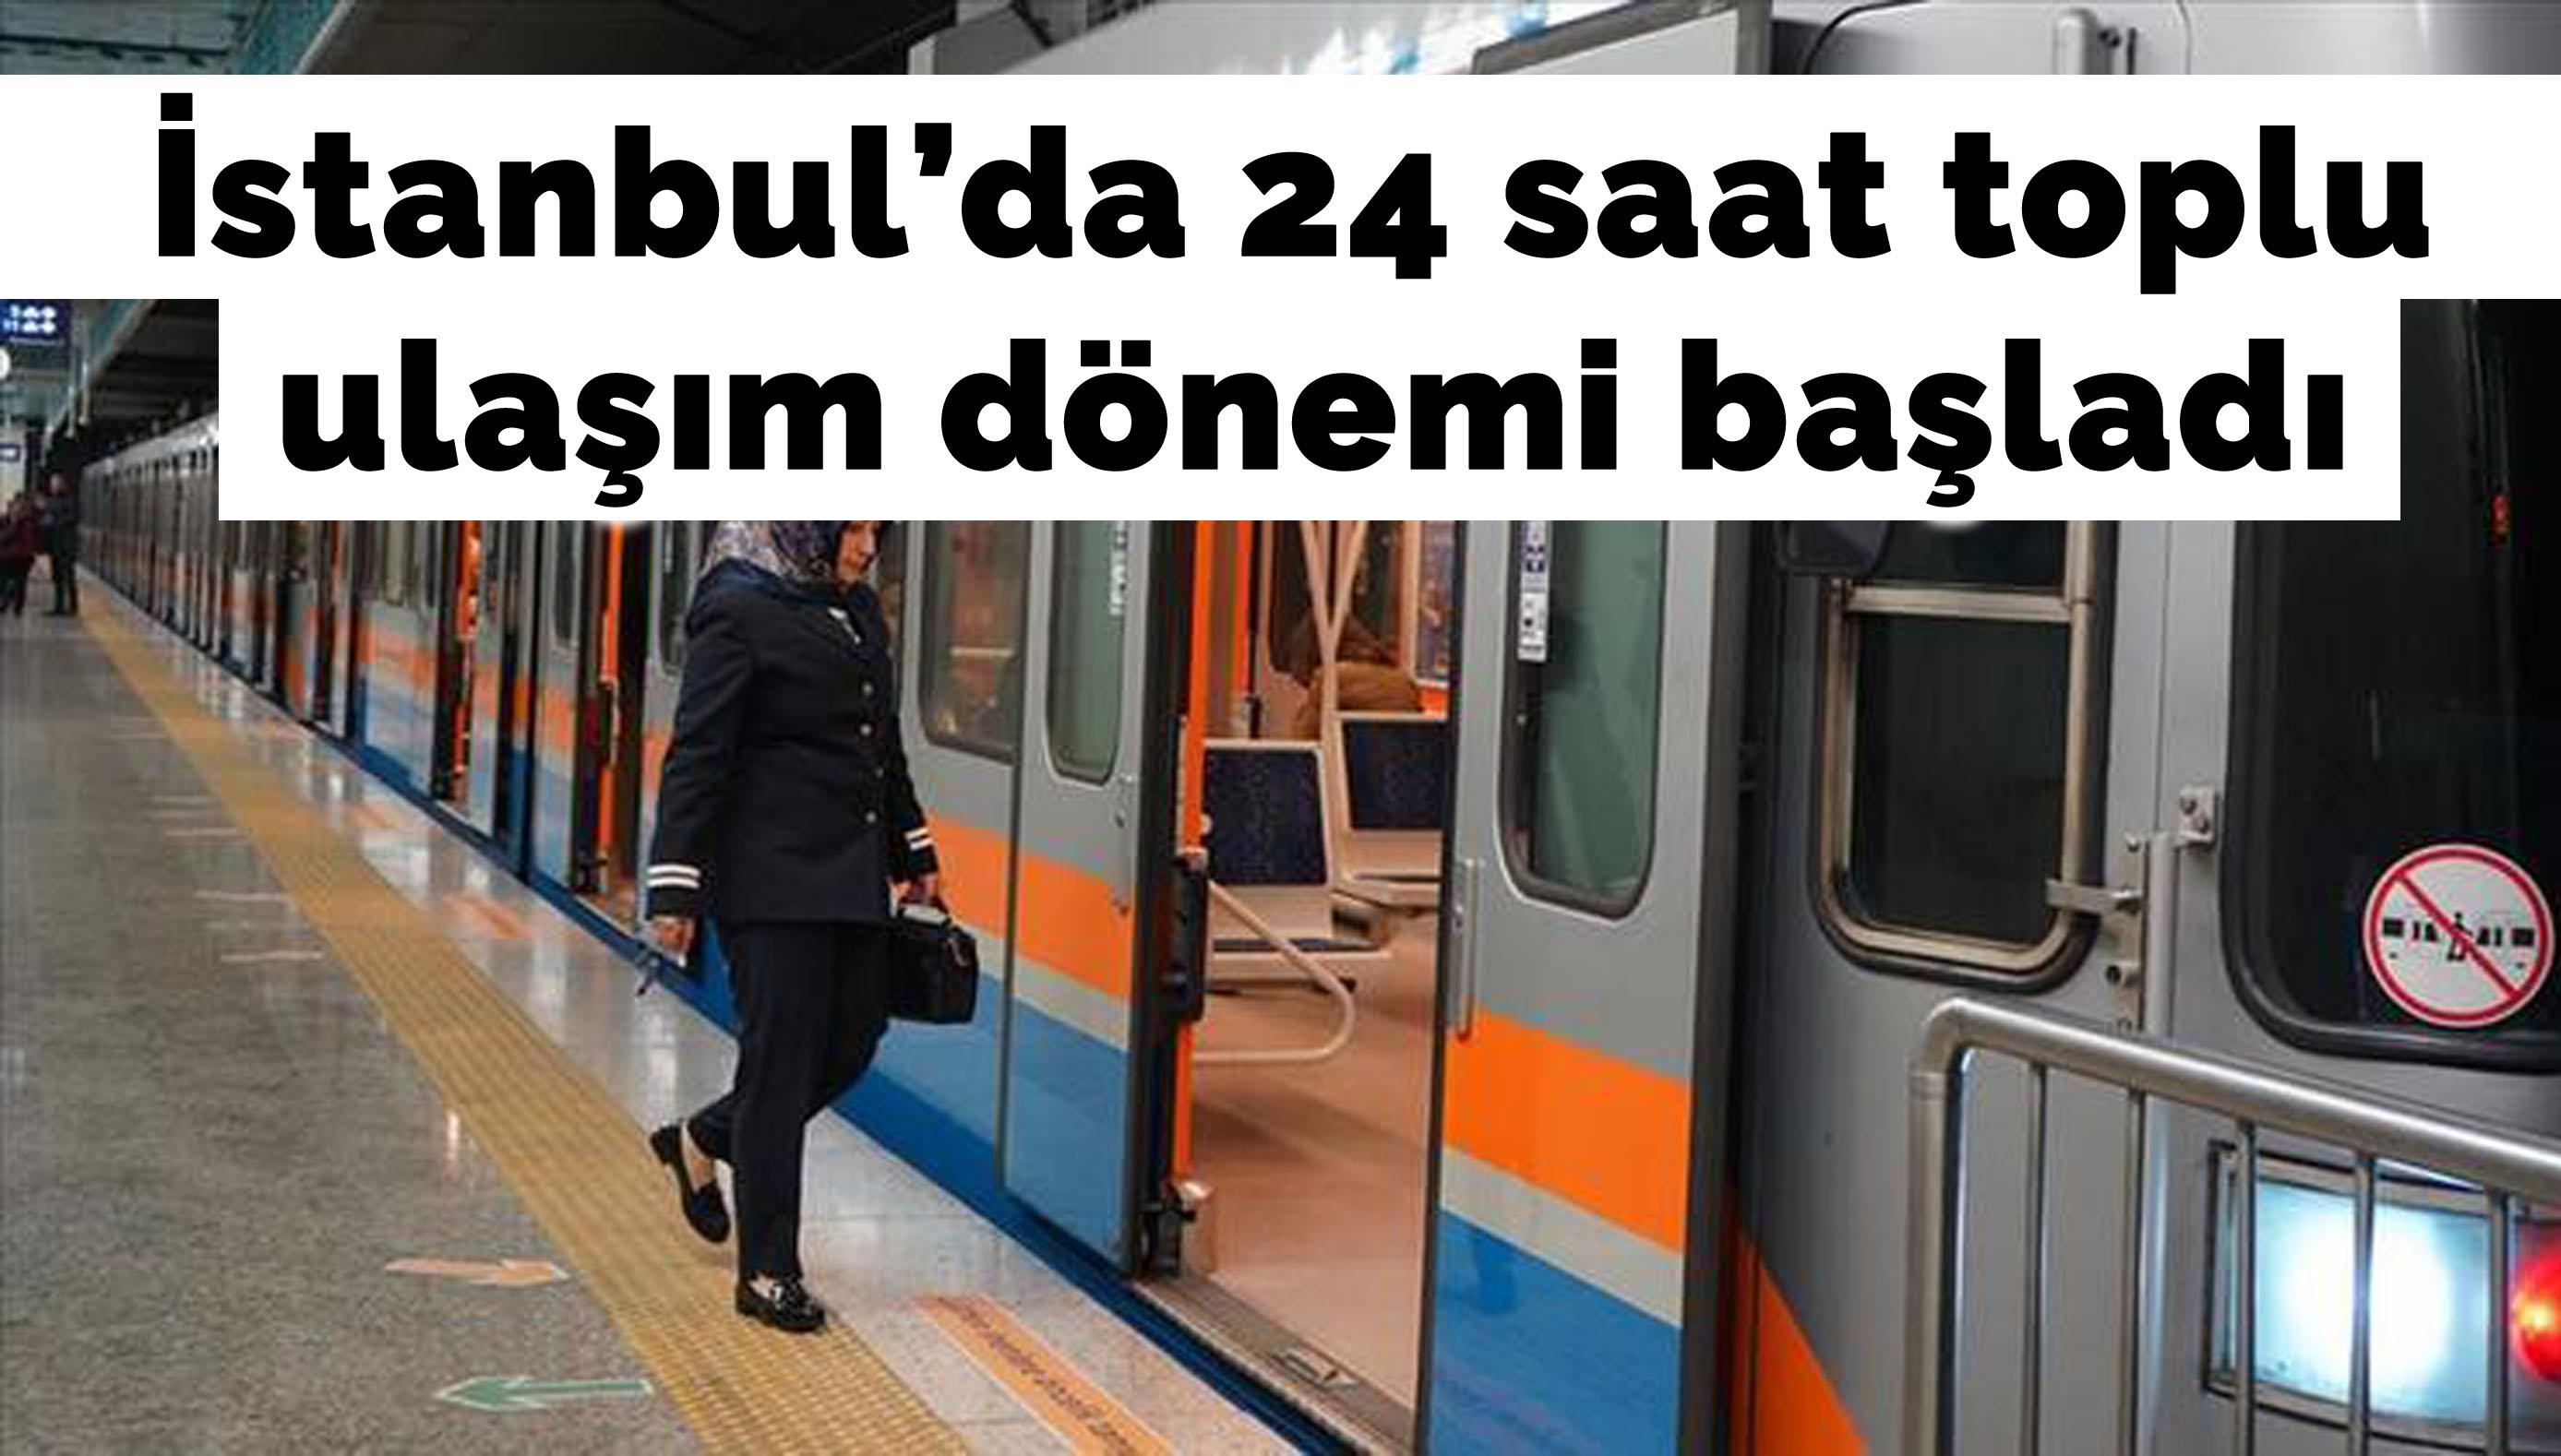 İstanbul'da 24 saat toplu ulaşım dönemi başladı